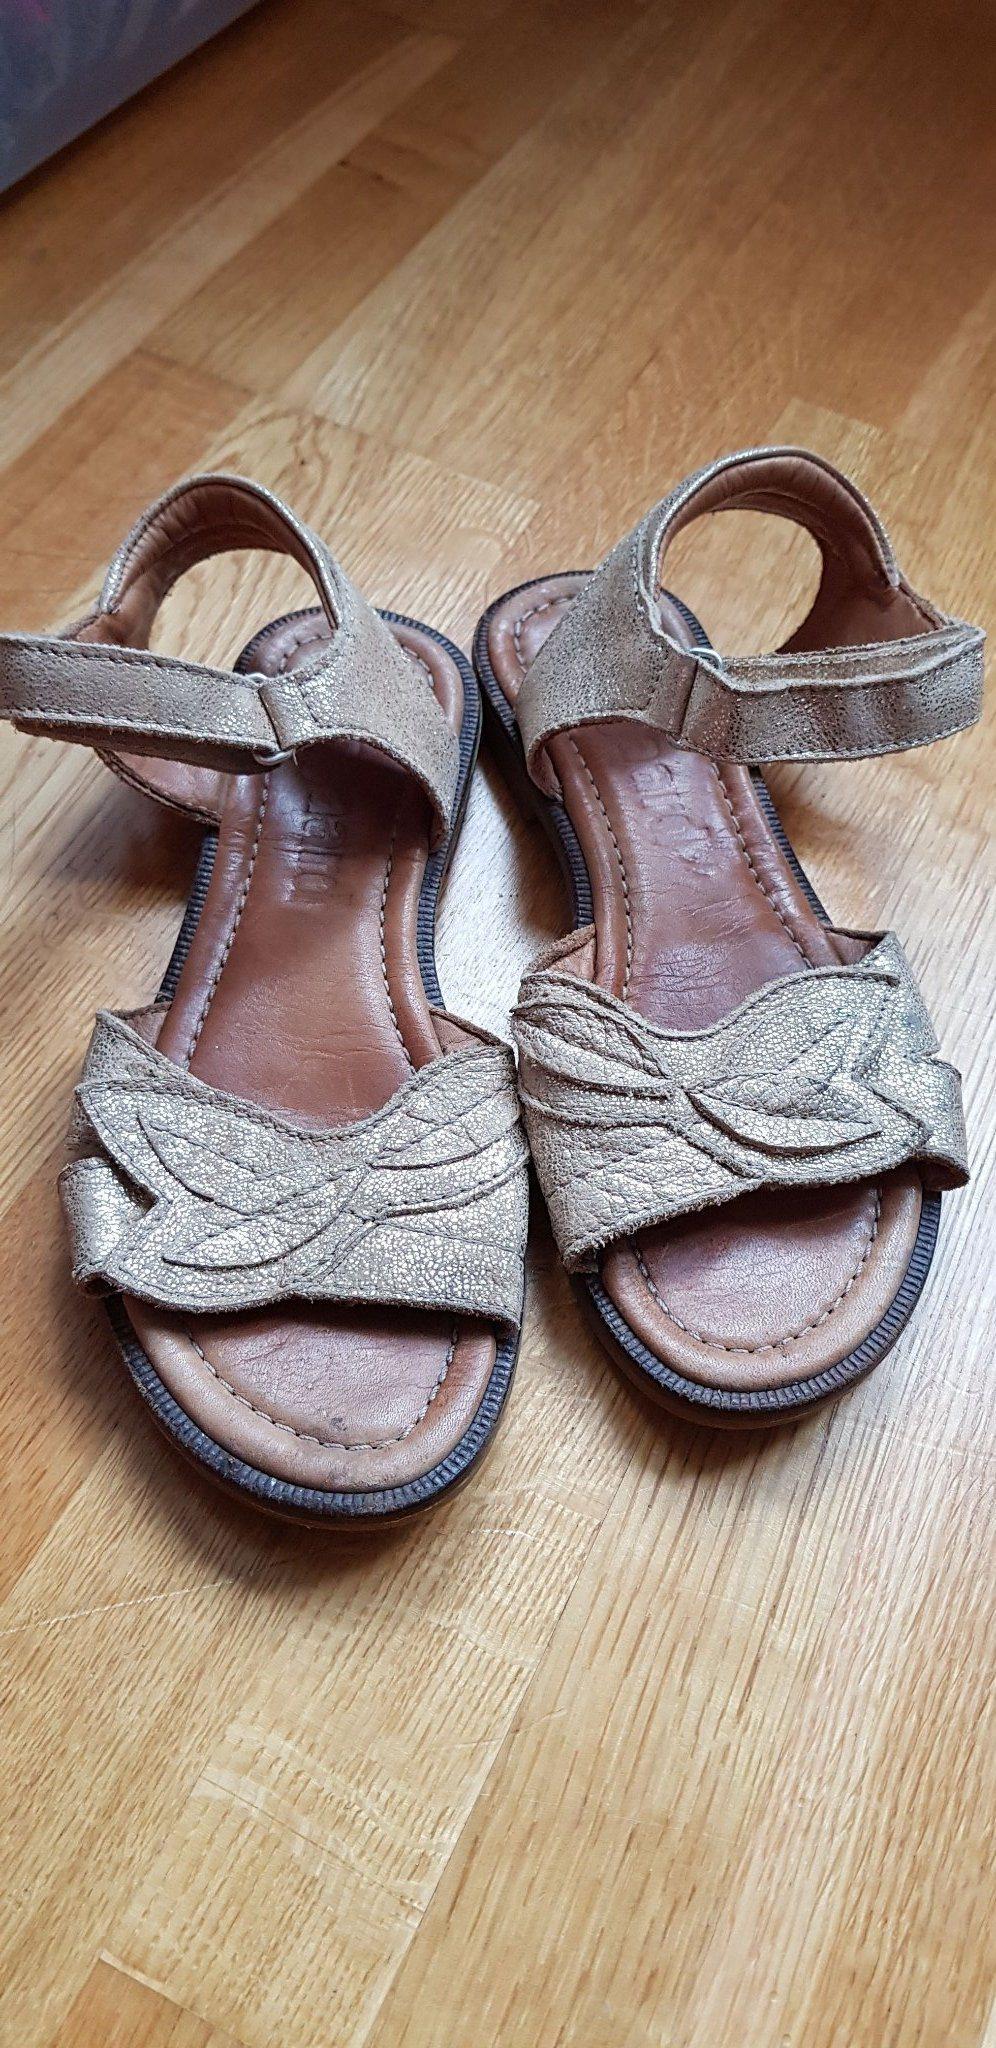 da735ed4ffe Bisgaard sandaler (341774361) ᐈ Köp på Tradera